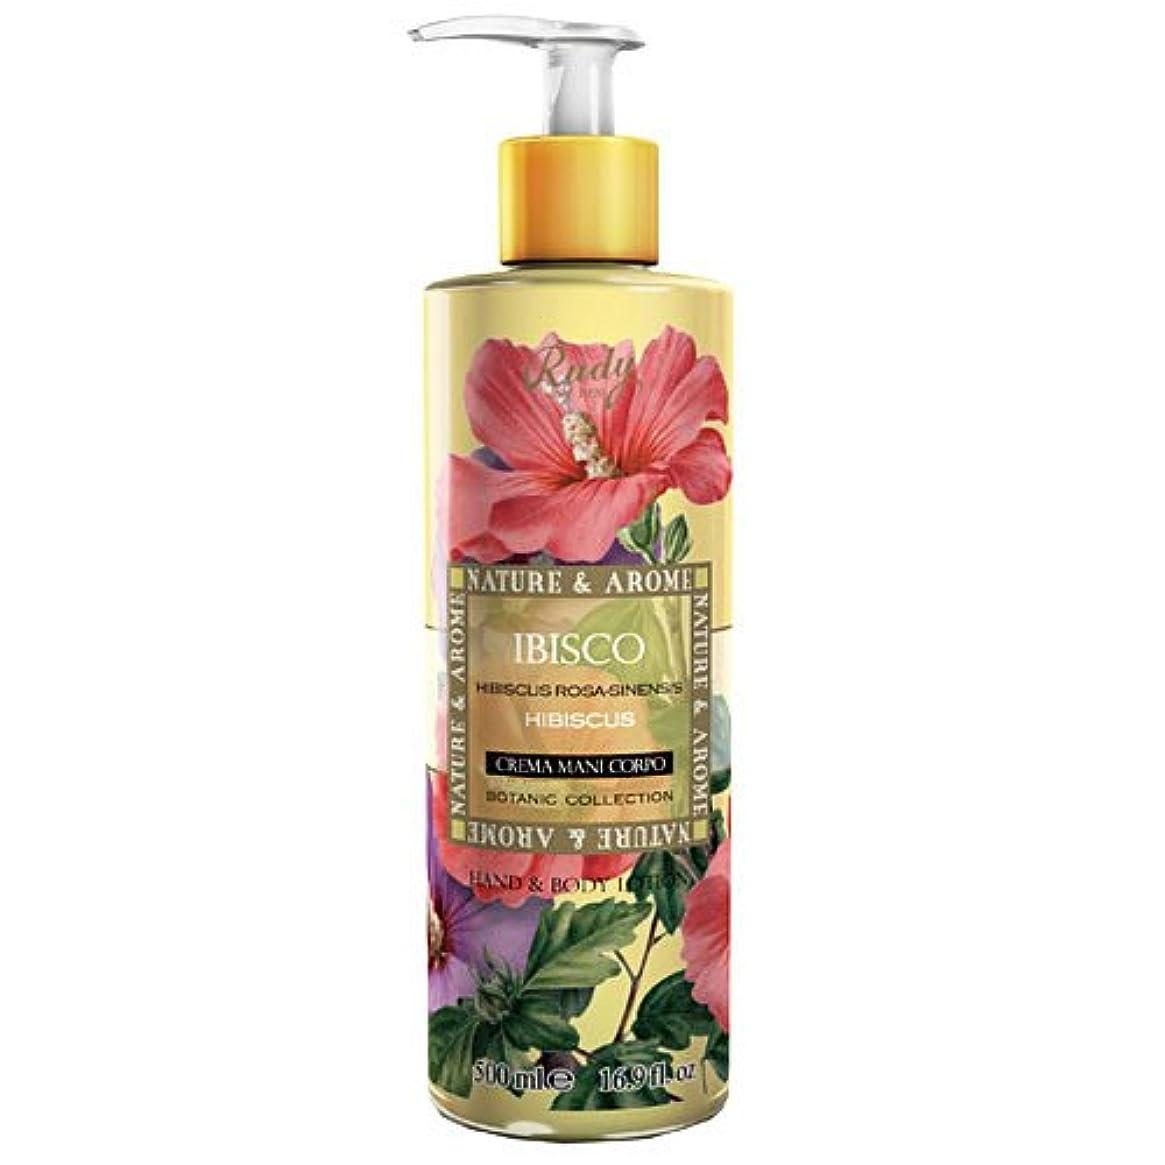 気配りのある祝福する作りRUDY Nature&Arome SERIES ルディ ナチュール&アロマ Hand&Body lotion ハンド&ボディローション ハイビスカス